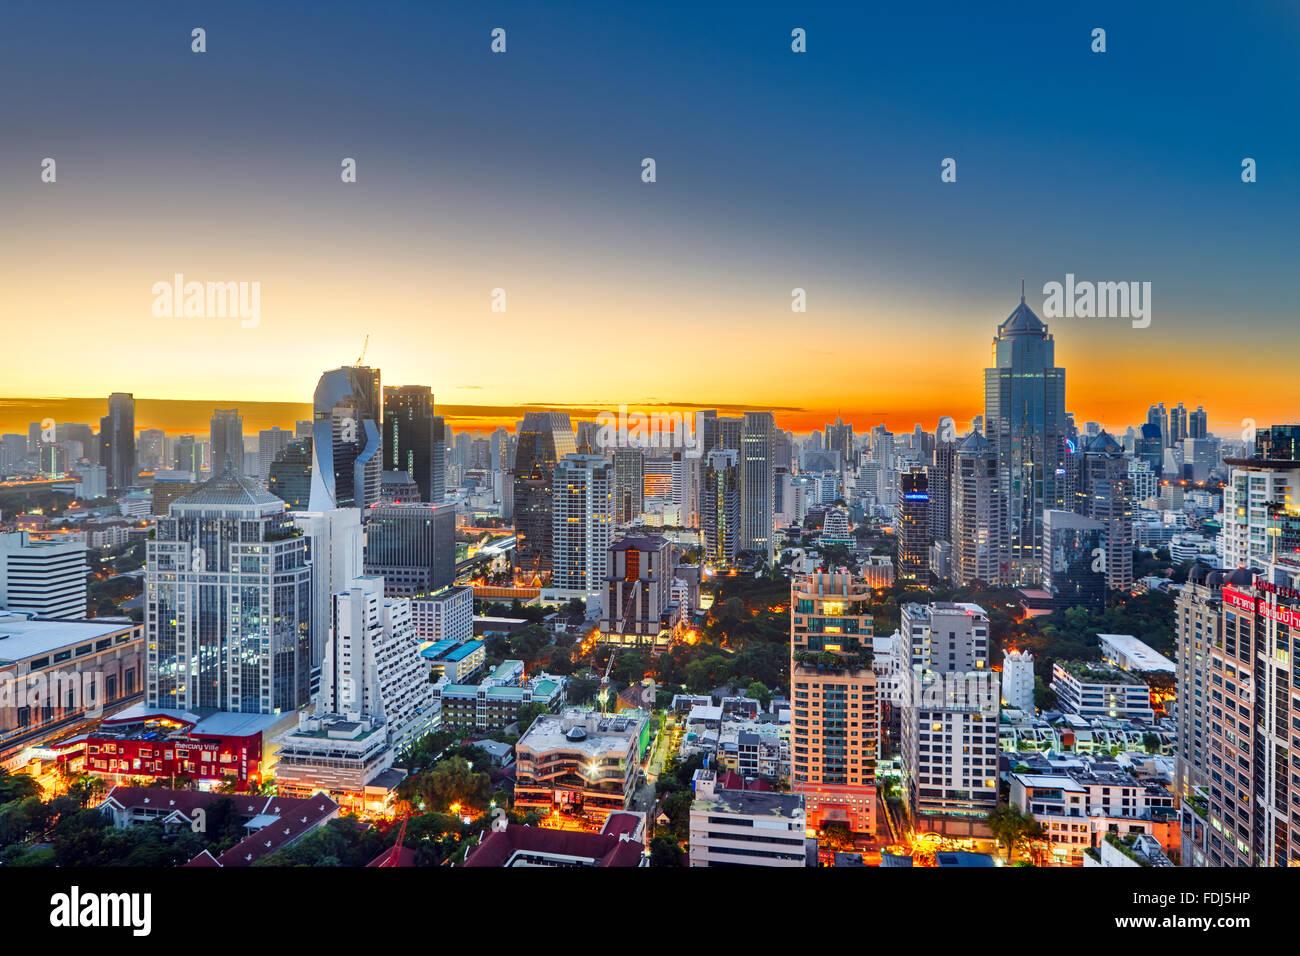 Erhöhte Stadtansicht bei Sonnenaufgang. Bangkok, Thailand. Stockbild